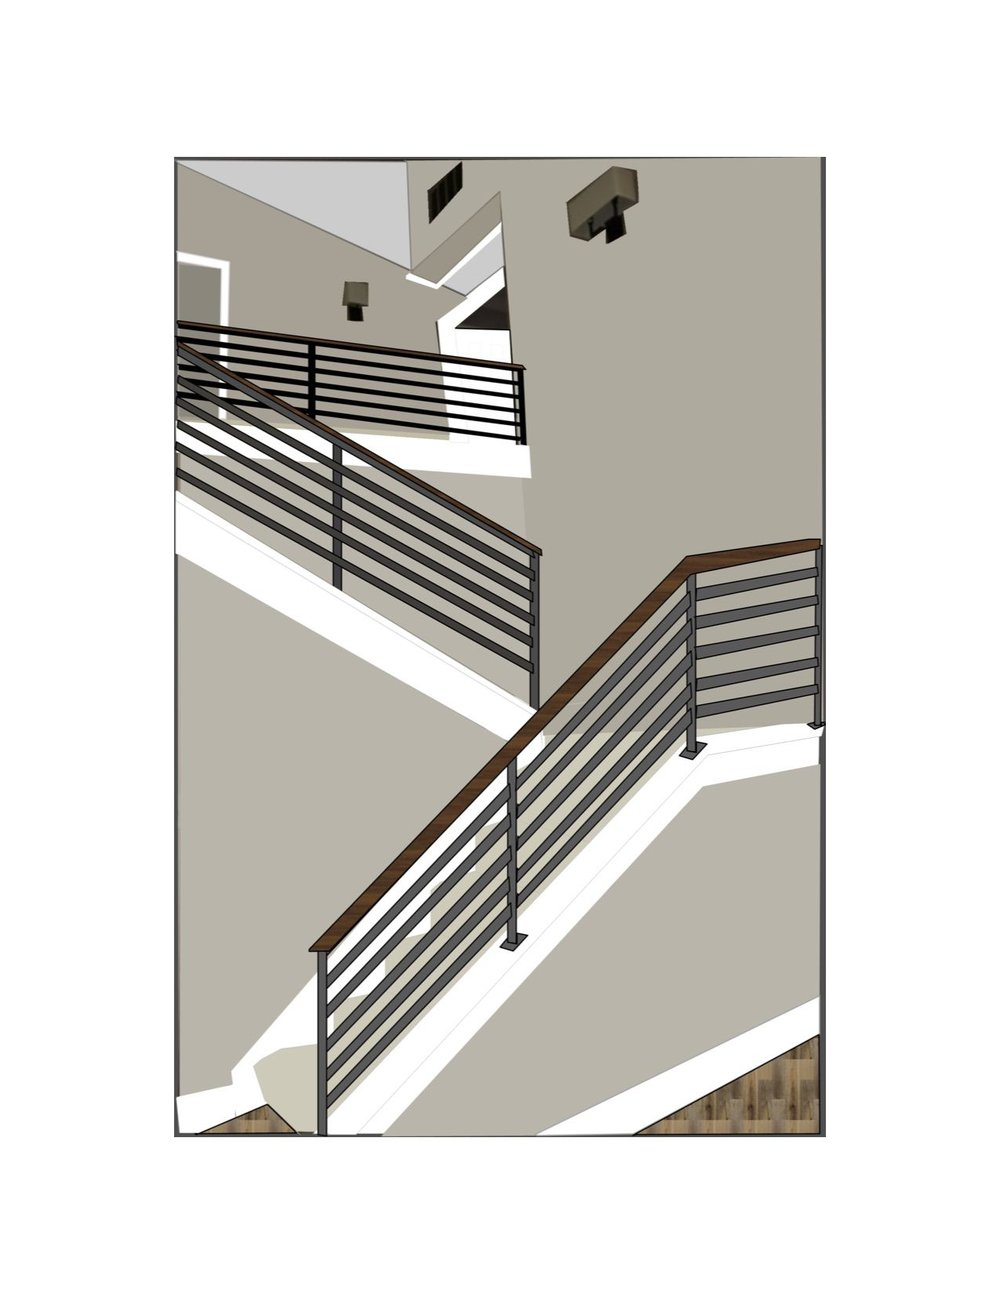 Planned stairway 3D rendering